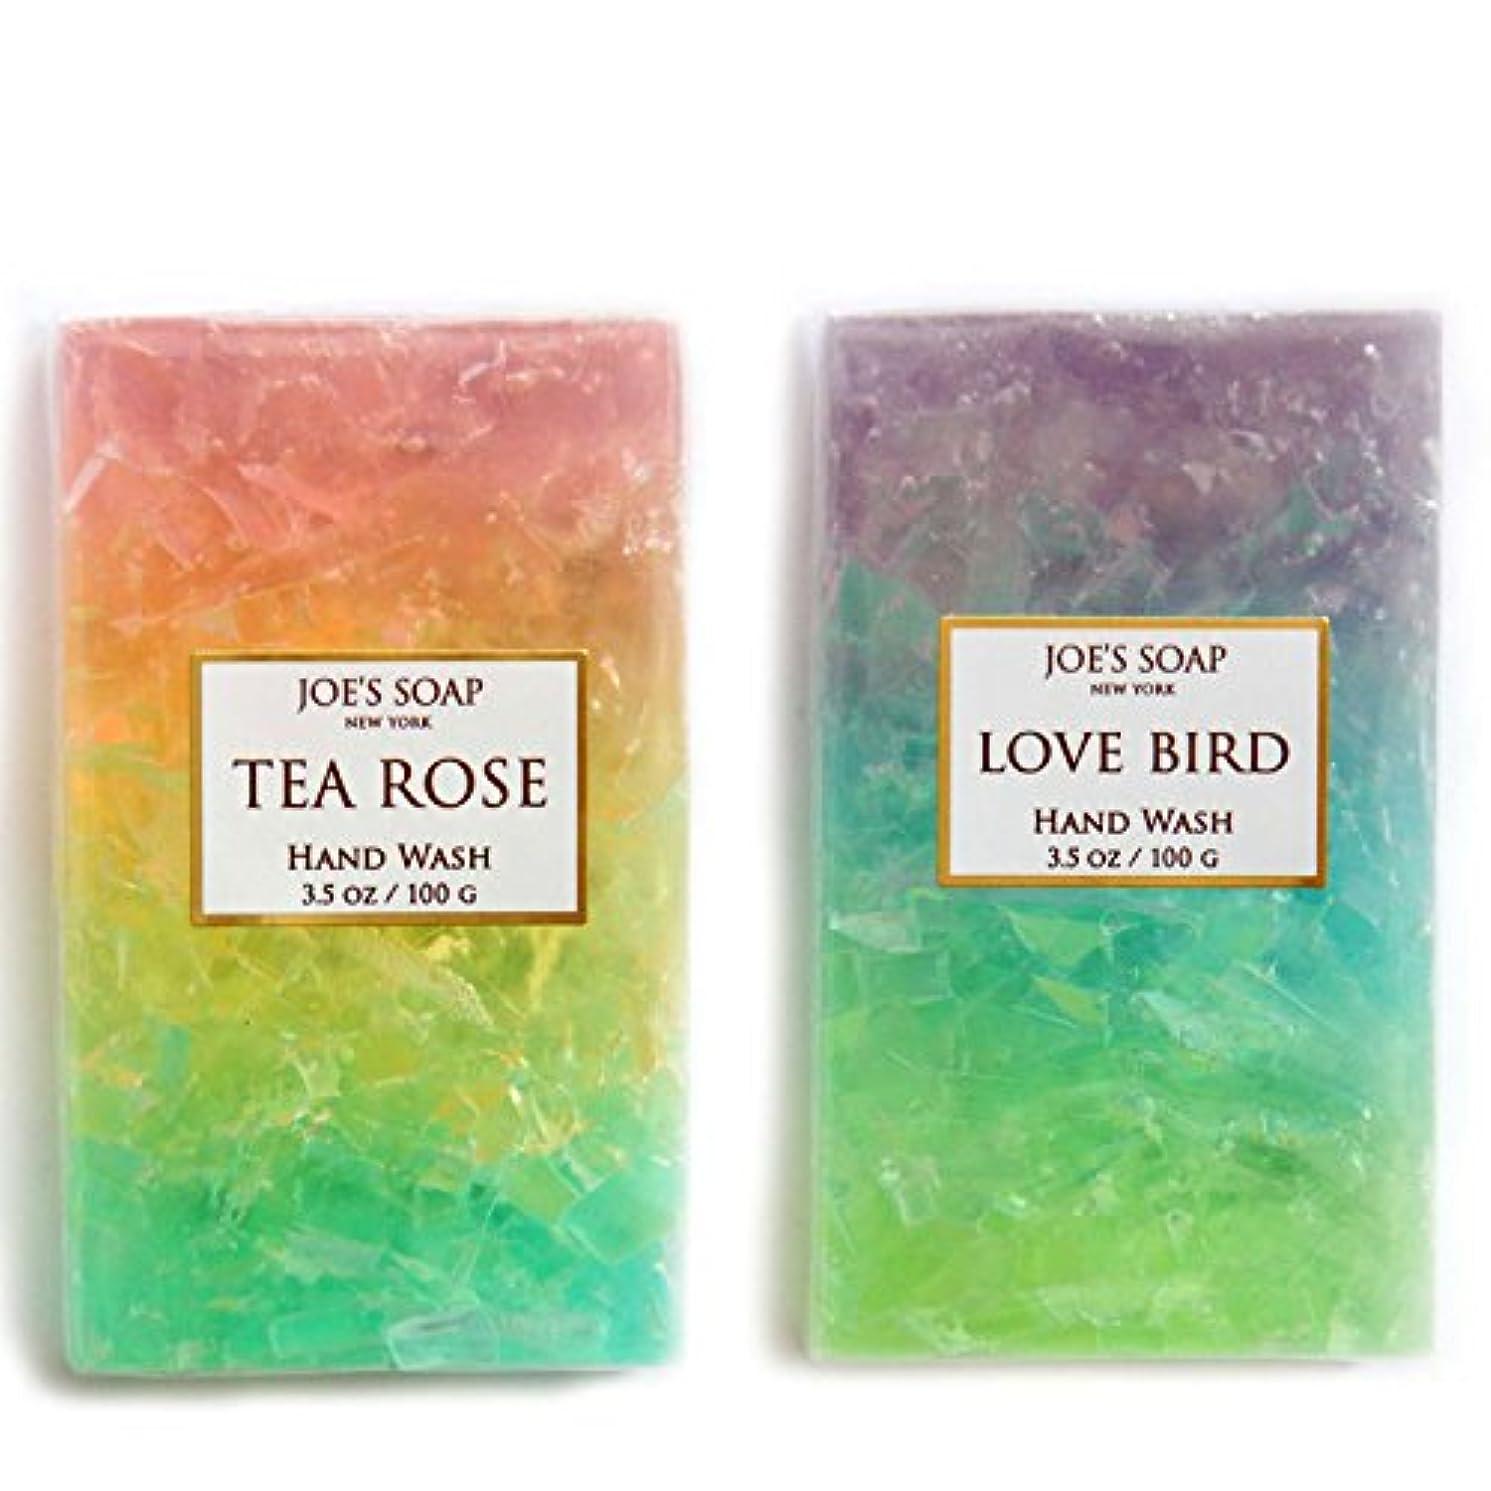 熱心ななめらかな忍耐JOE'S SOAP ジョーズソープ グラスソープ 石鹸 100g(TEA ROSE、LOVE BIRD、2個セット)